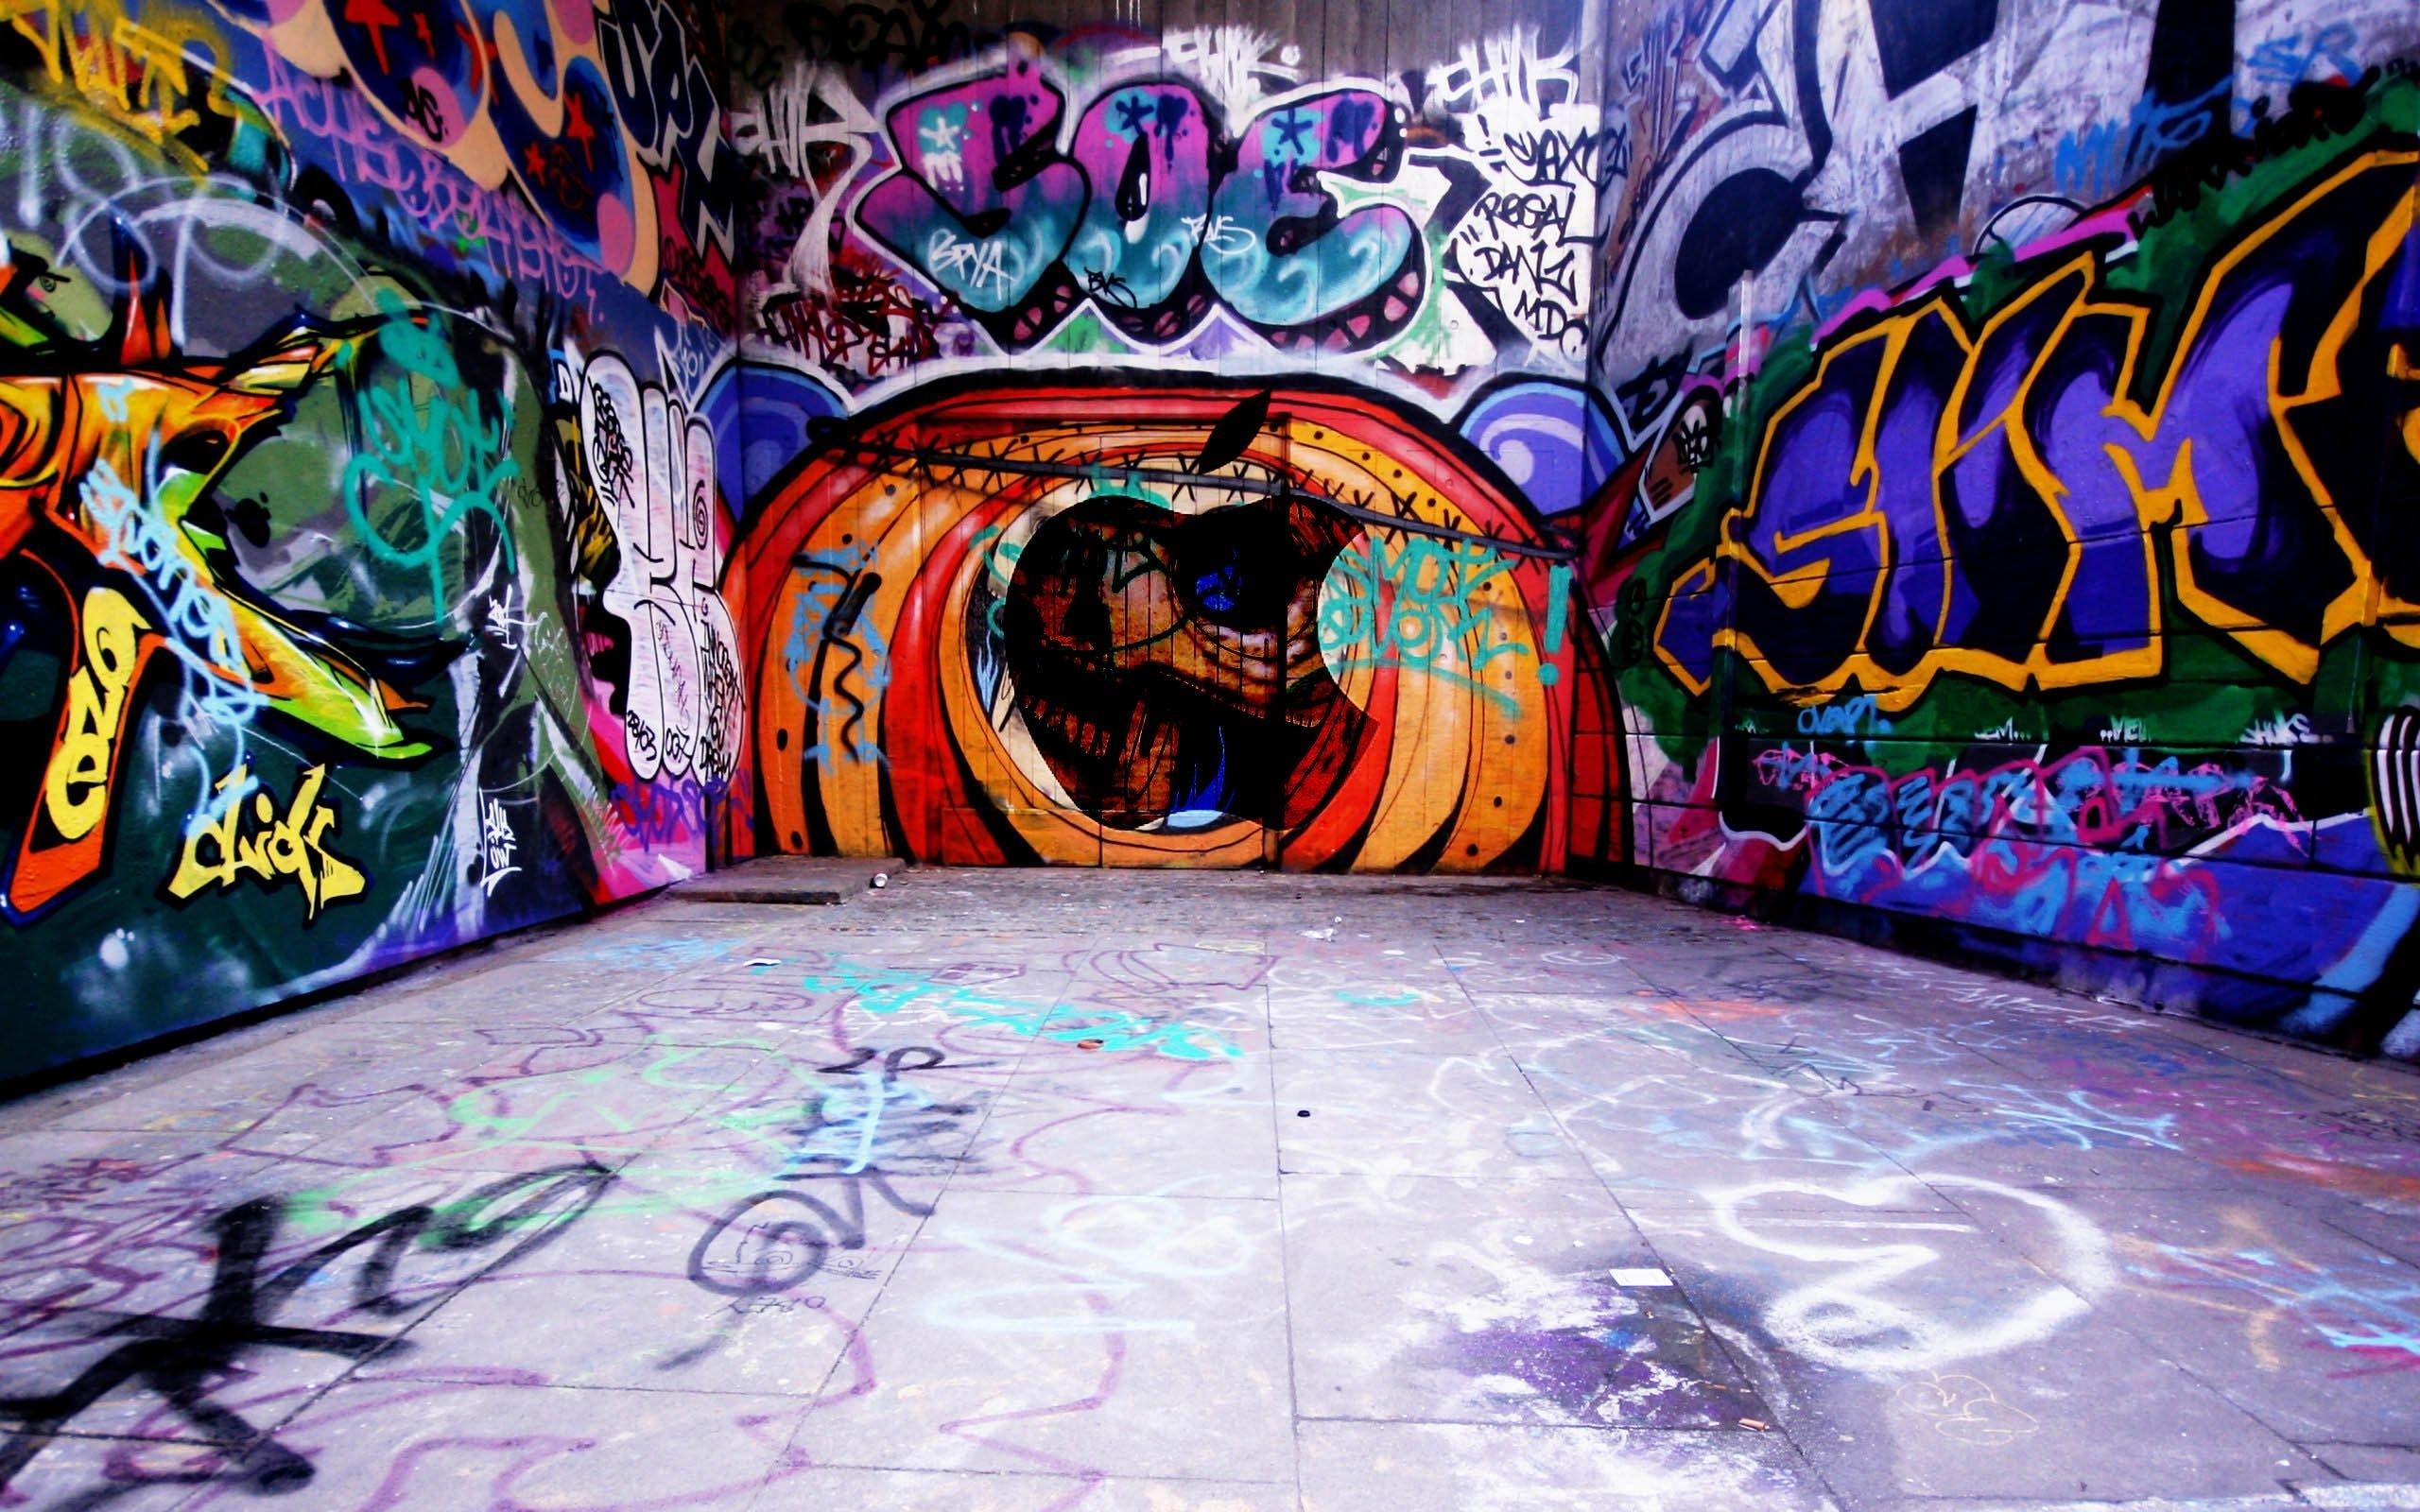 mac new wallpapers underground graffiti-823613 (2560×1600